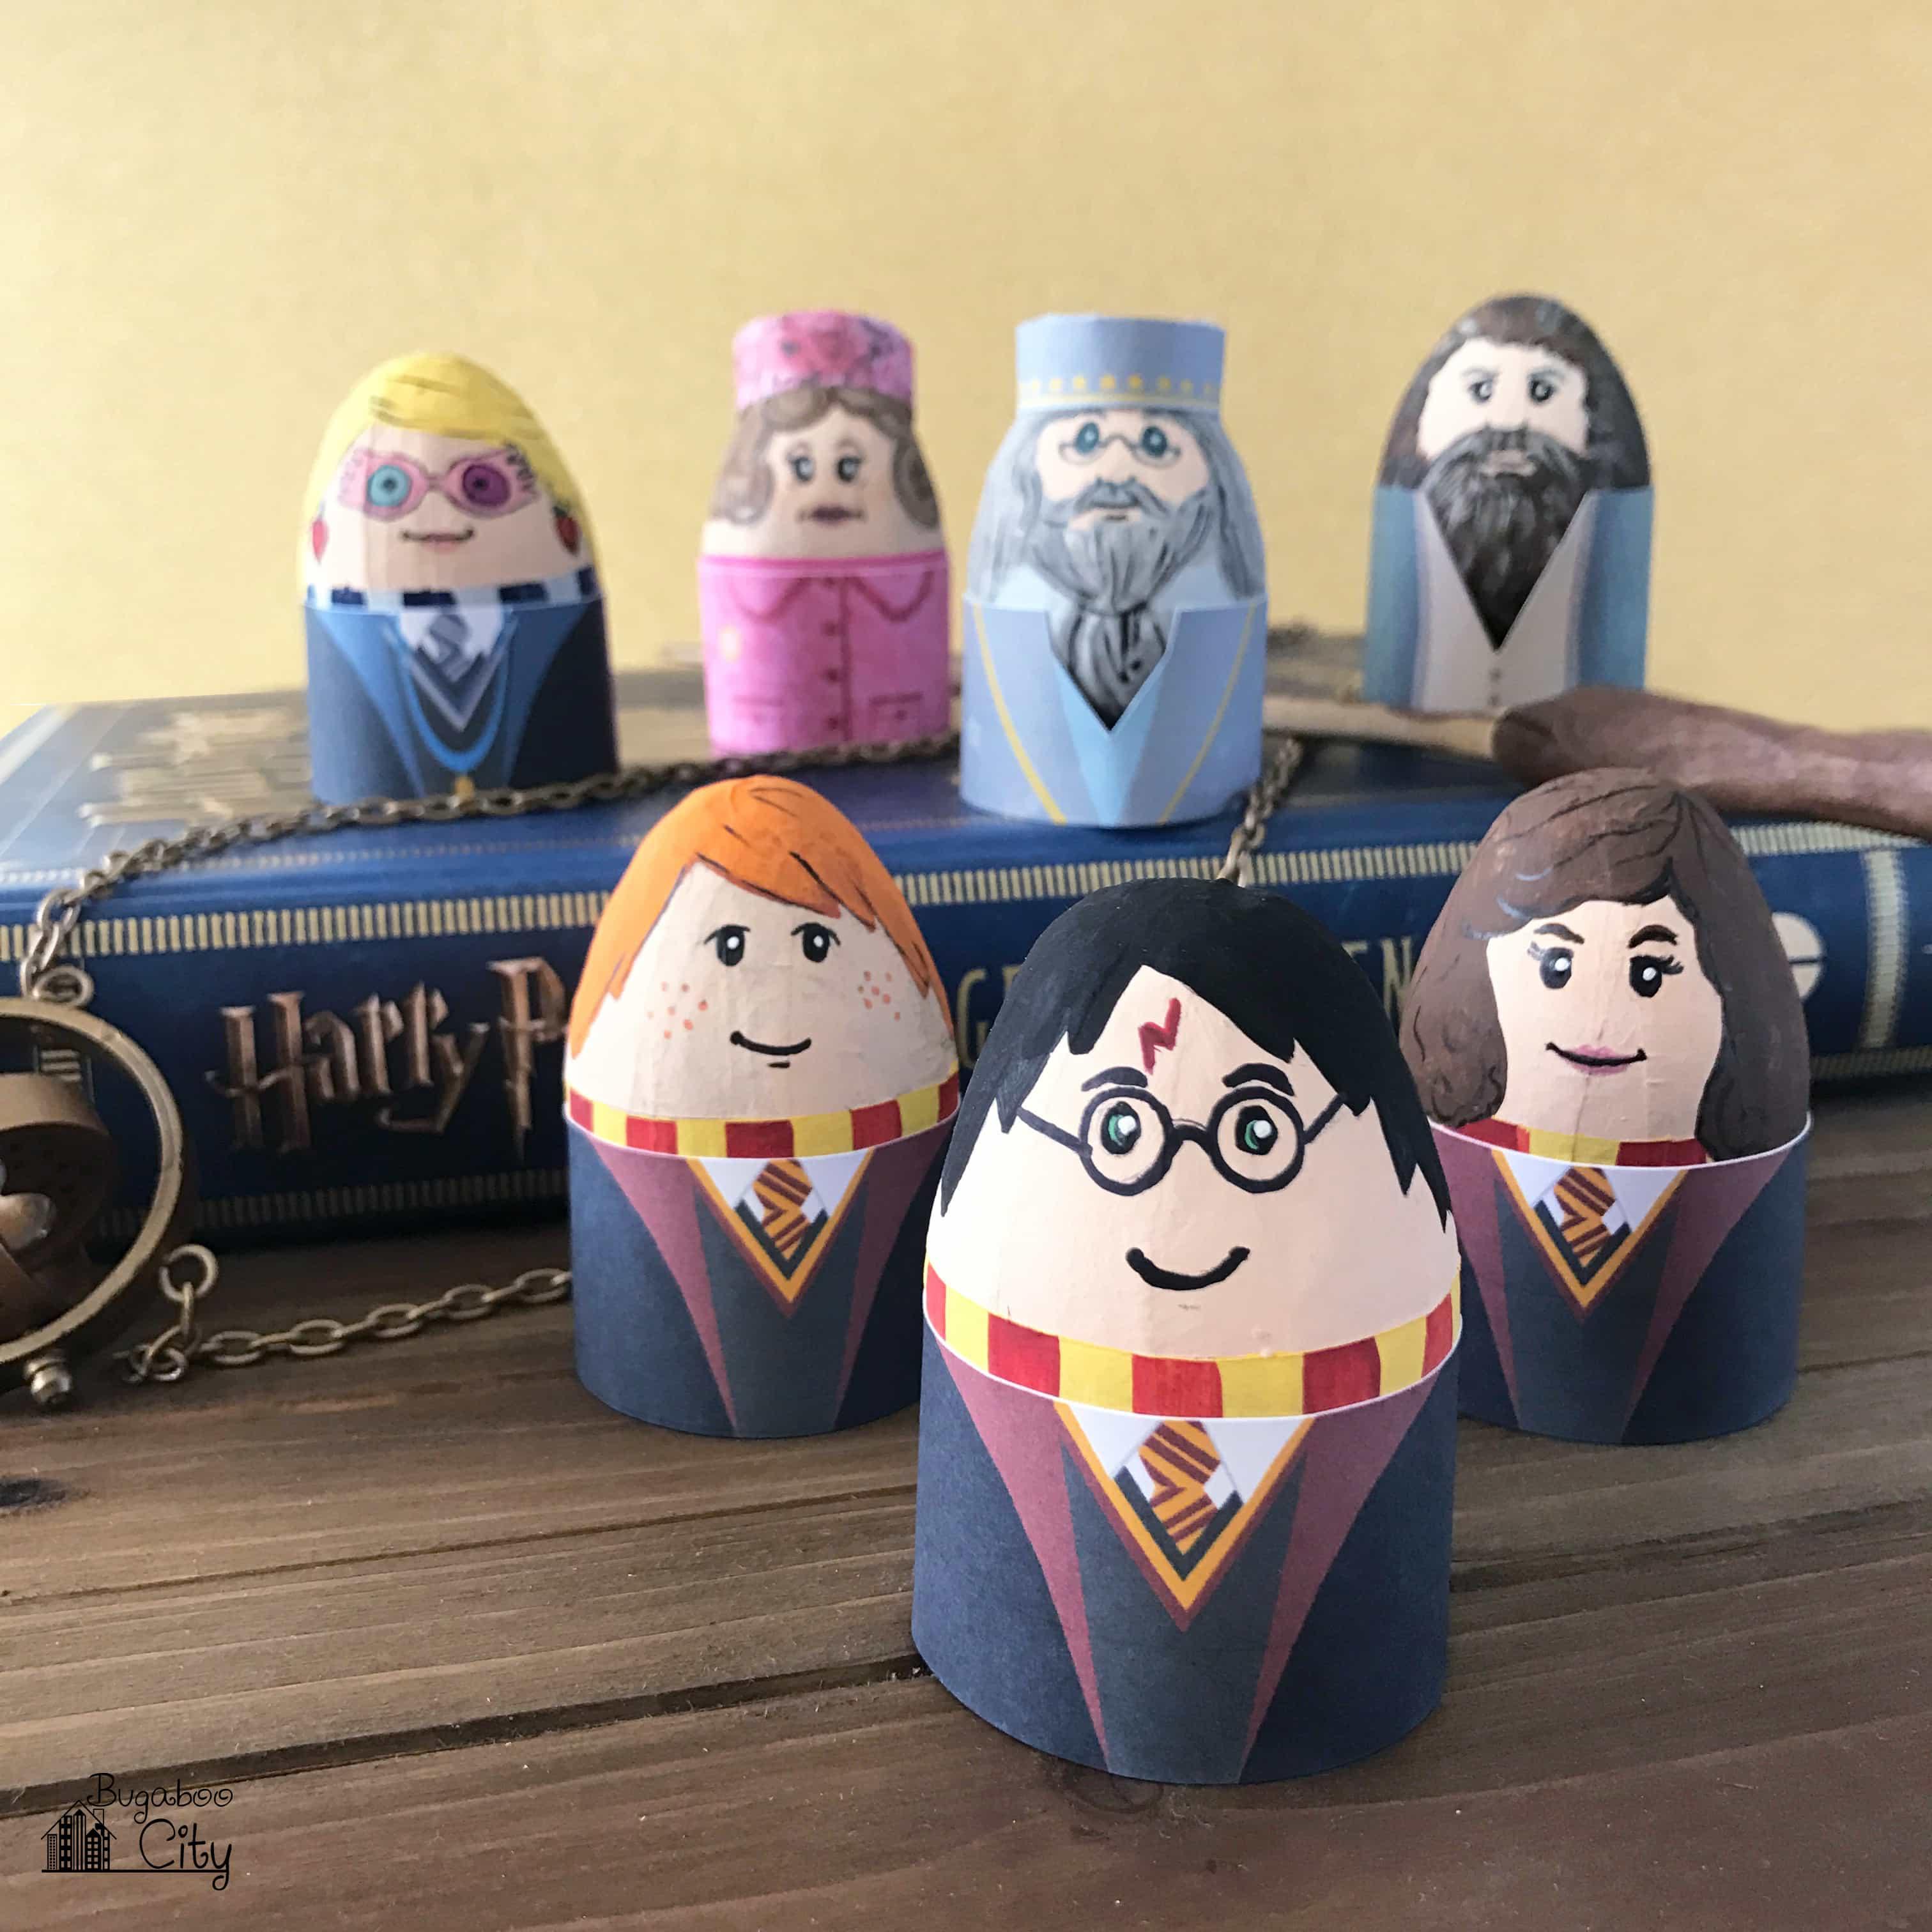 Harry Potter Easter Eggs BugabooCity